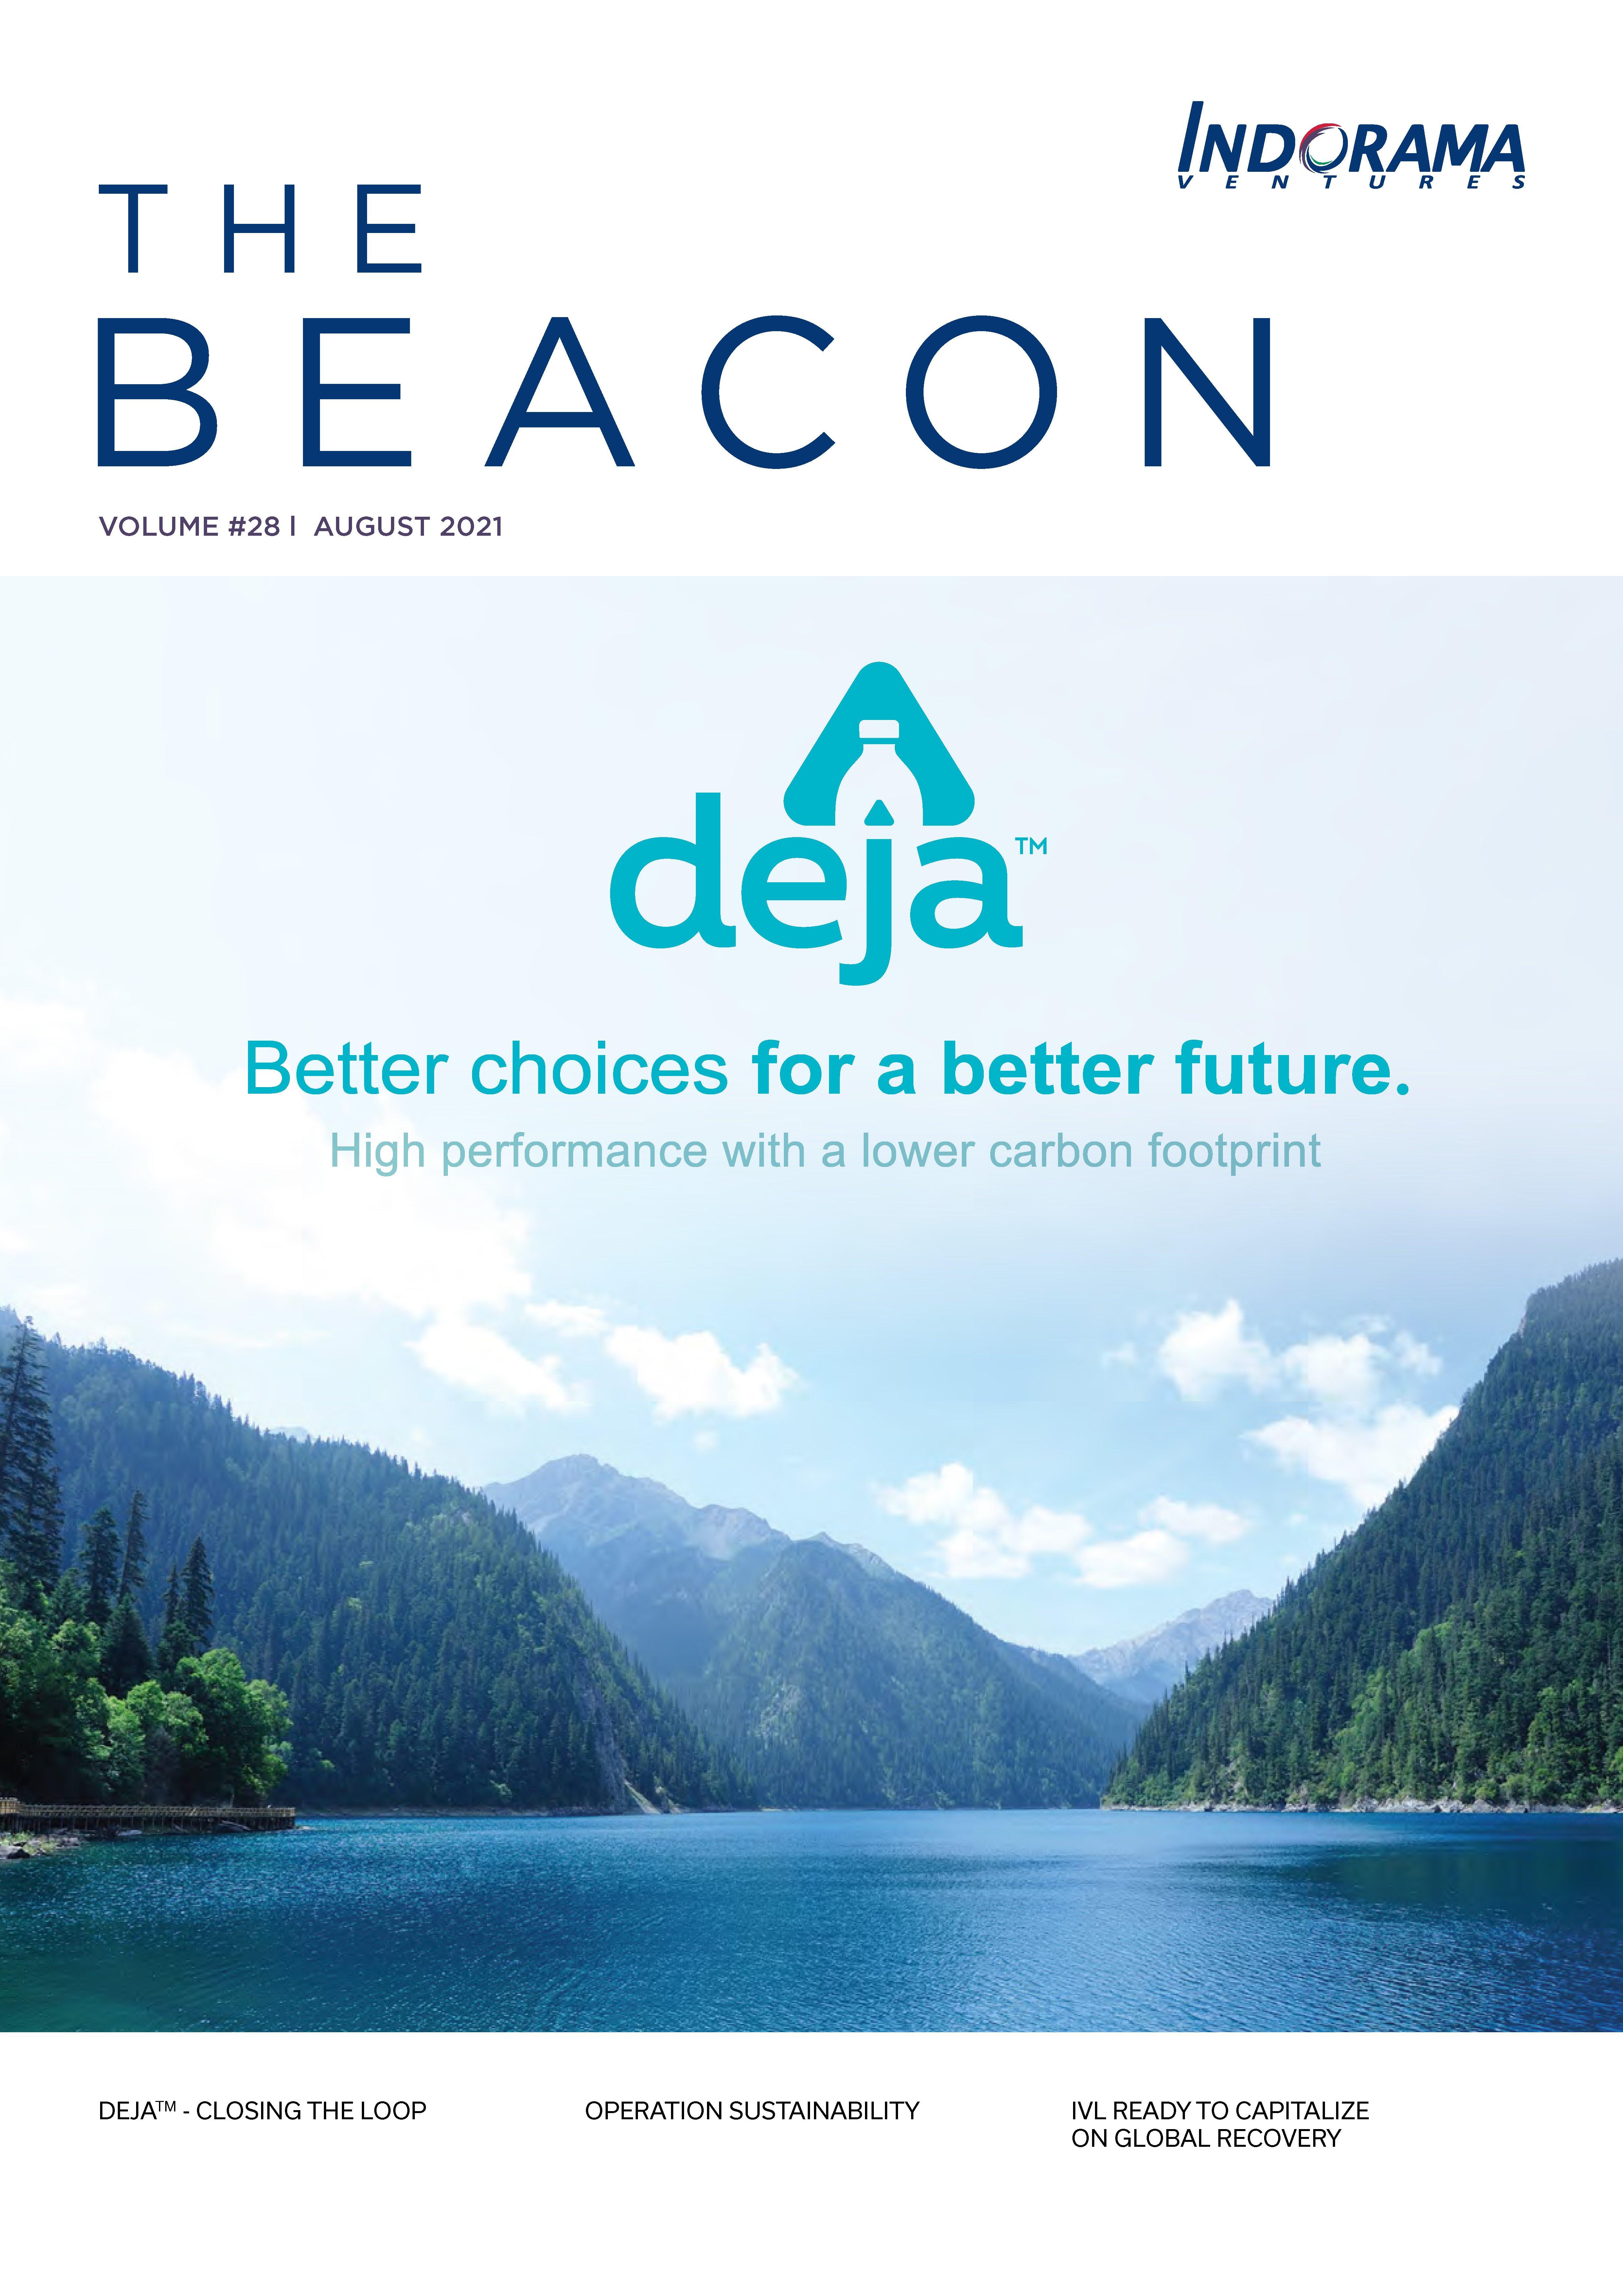 The Beacon 2021 vol. 28